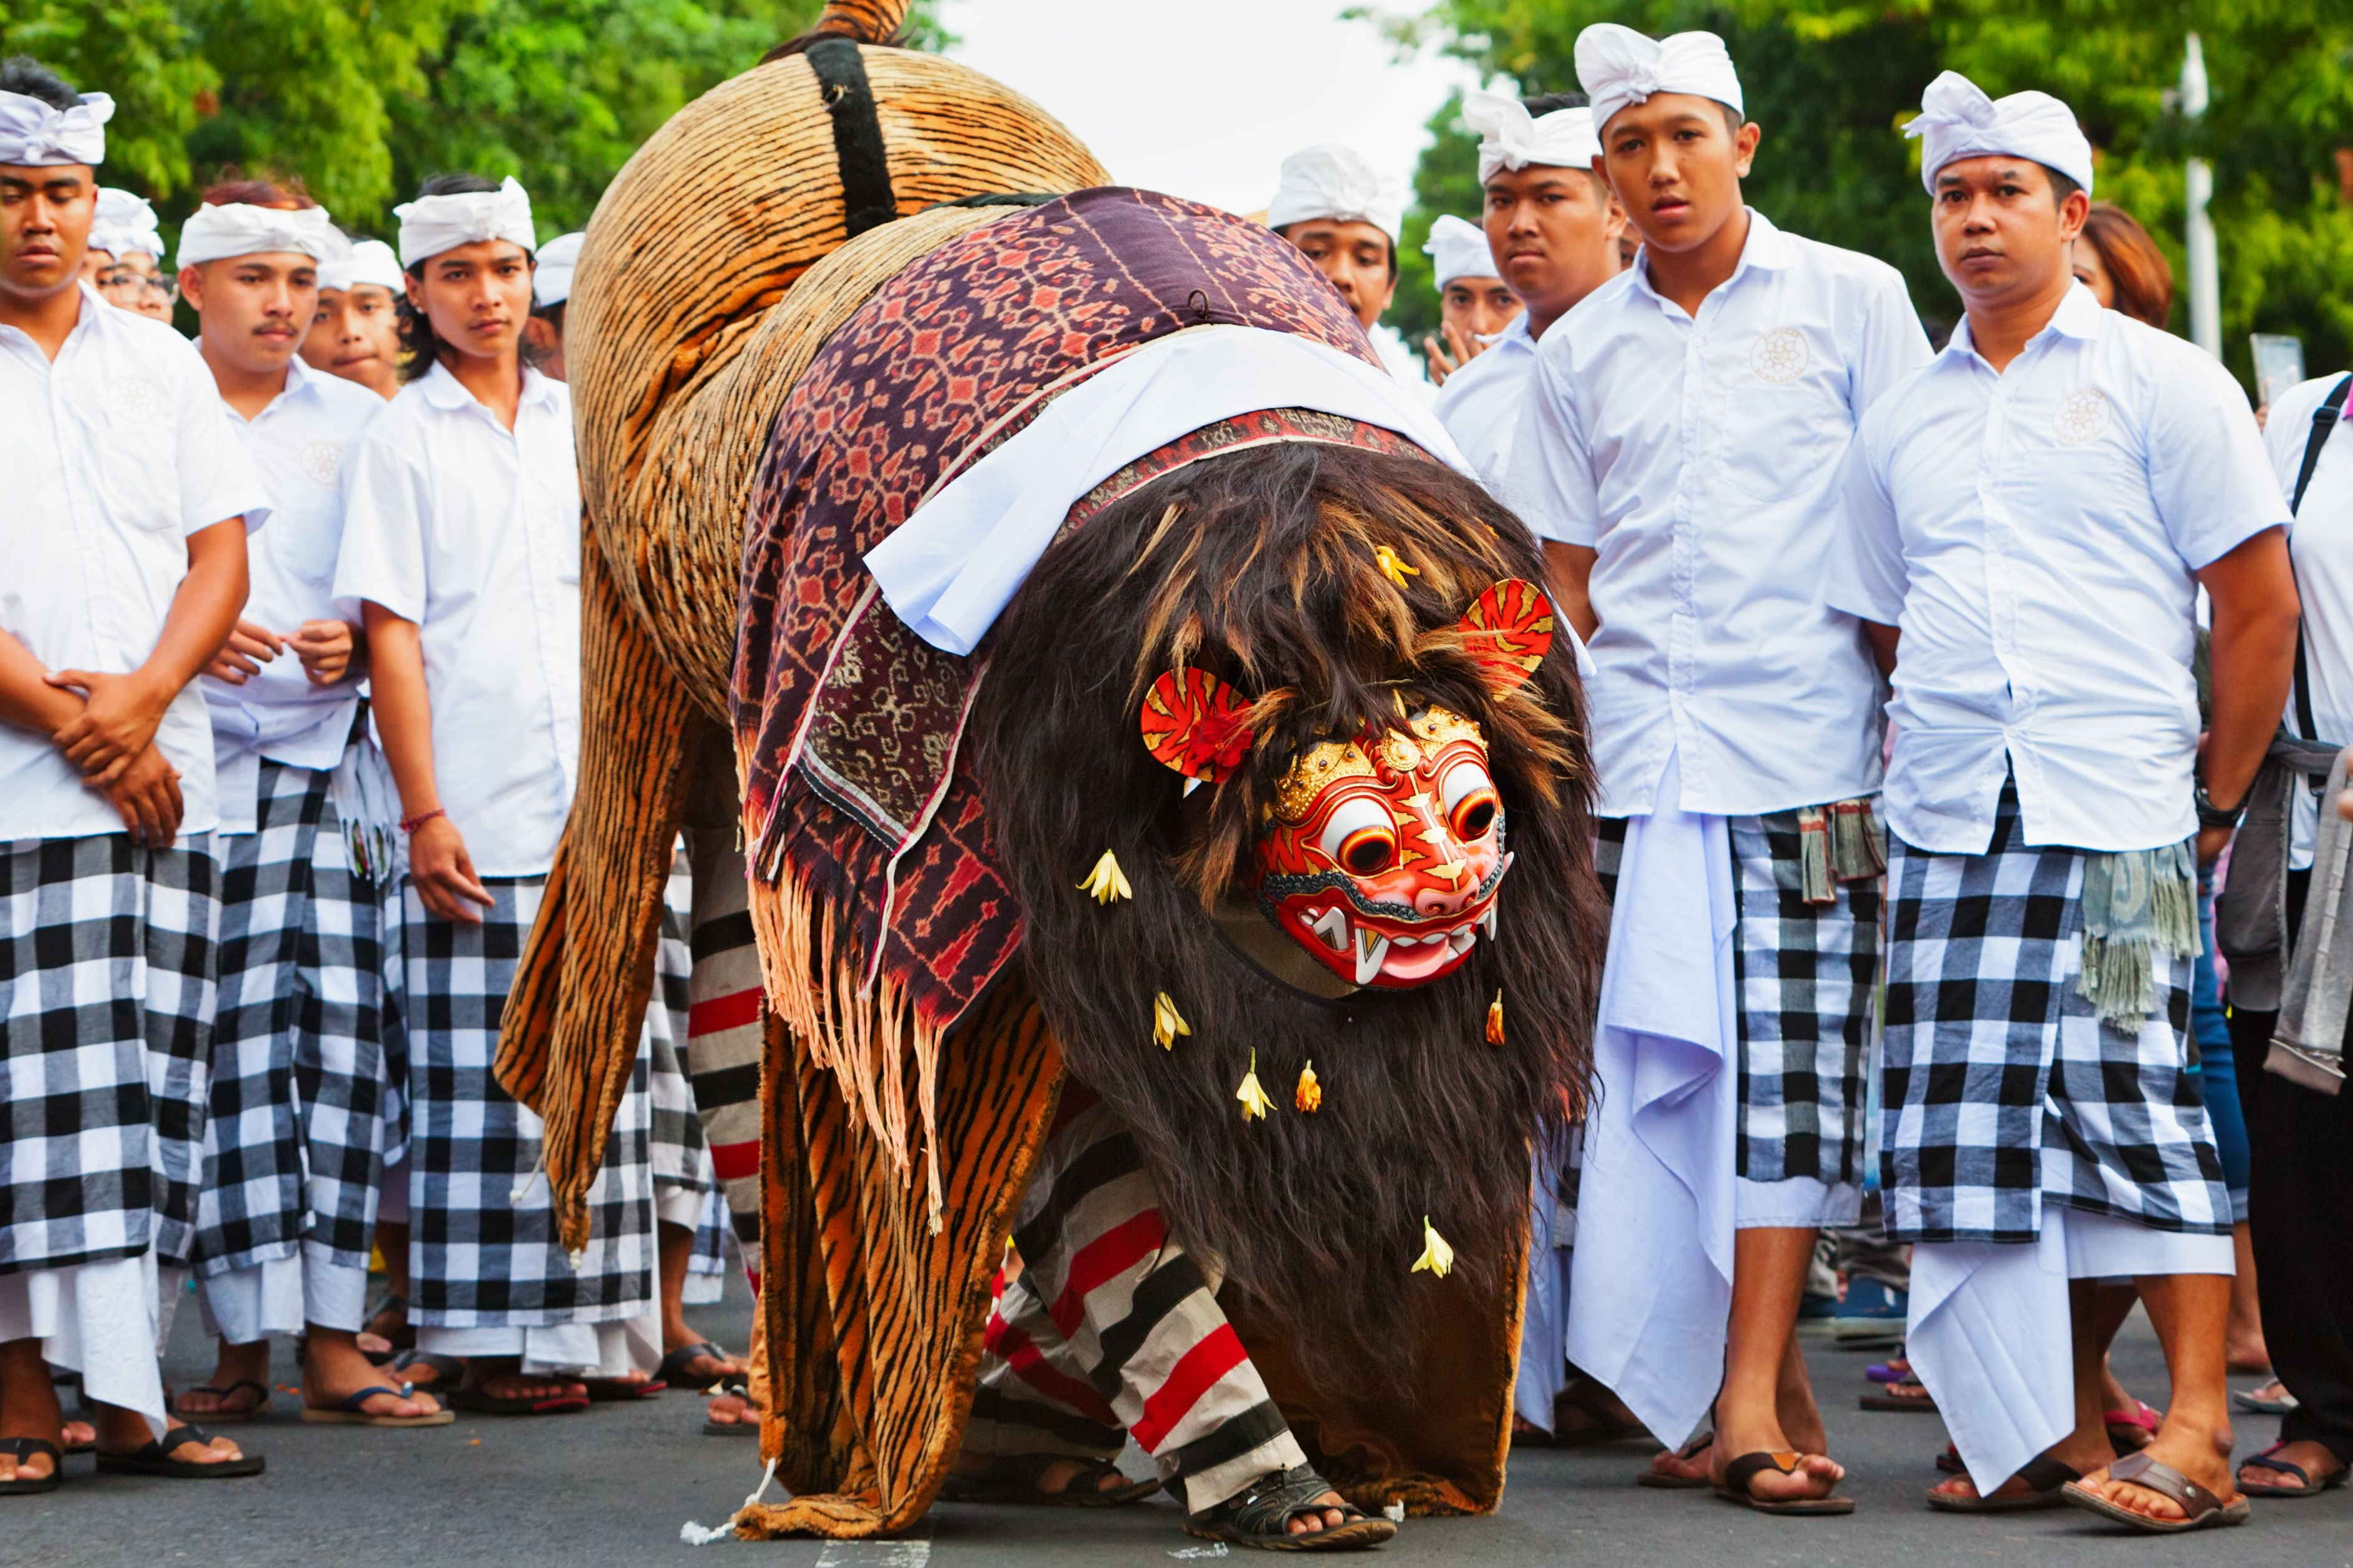 Ngelawang ritual in Bali, Indonesia - featuring a Barong dance